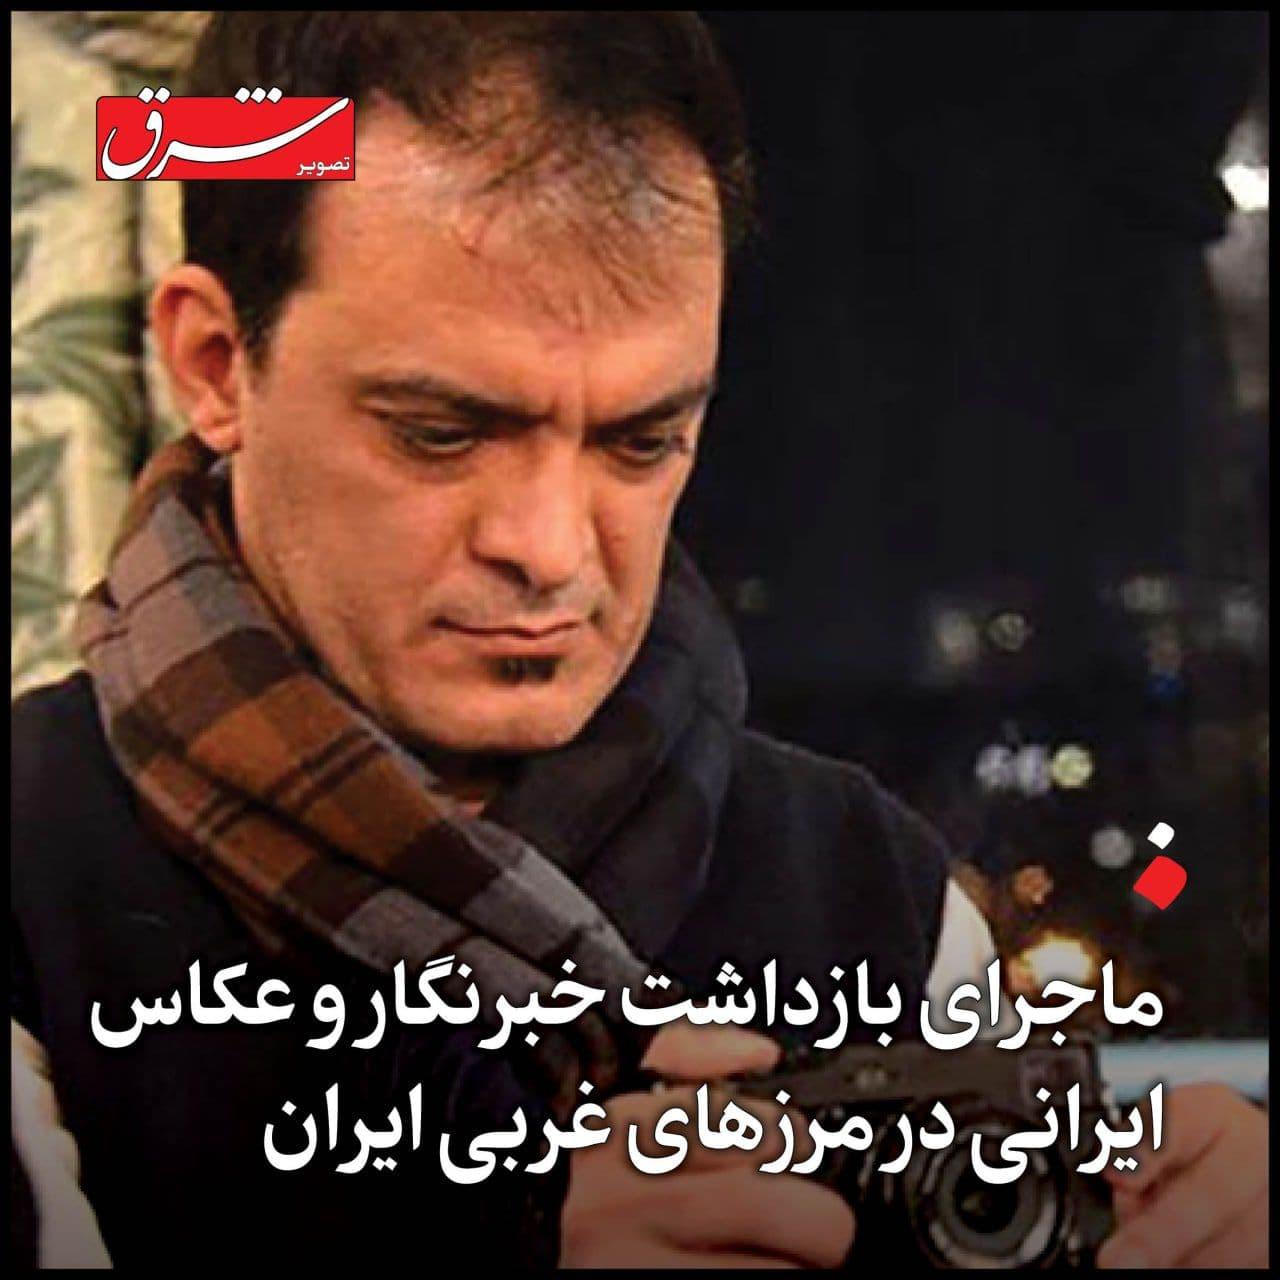 ماجرای بازداشت خبرنگار و عکاس ایرانی در مرزهای غربی ایران